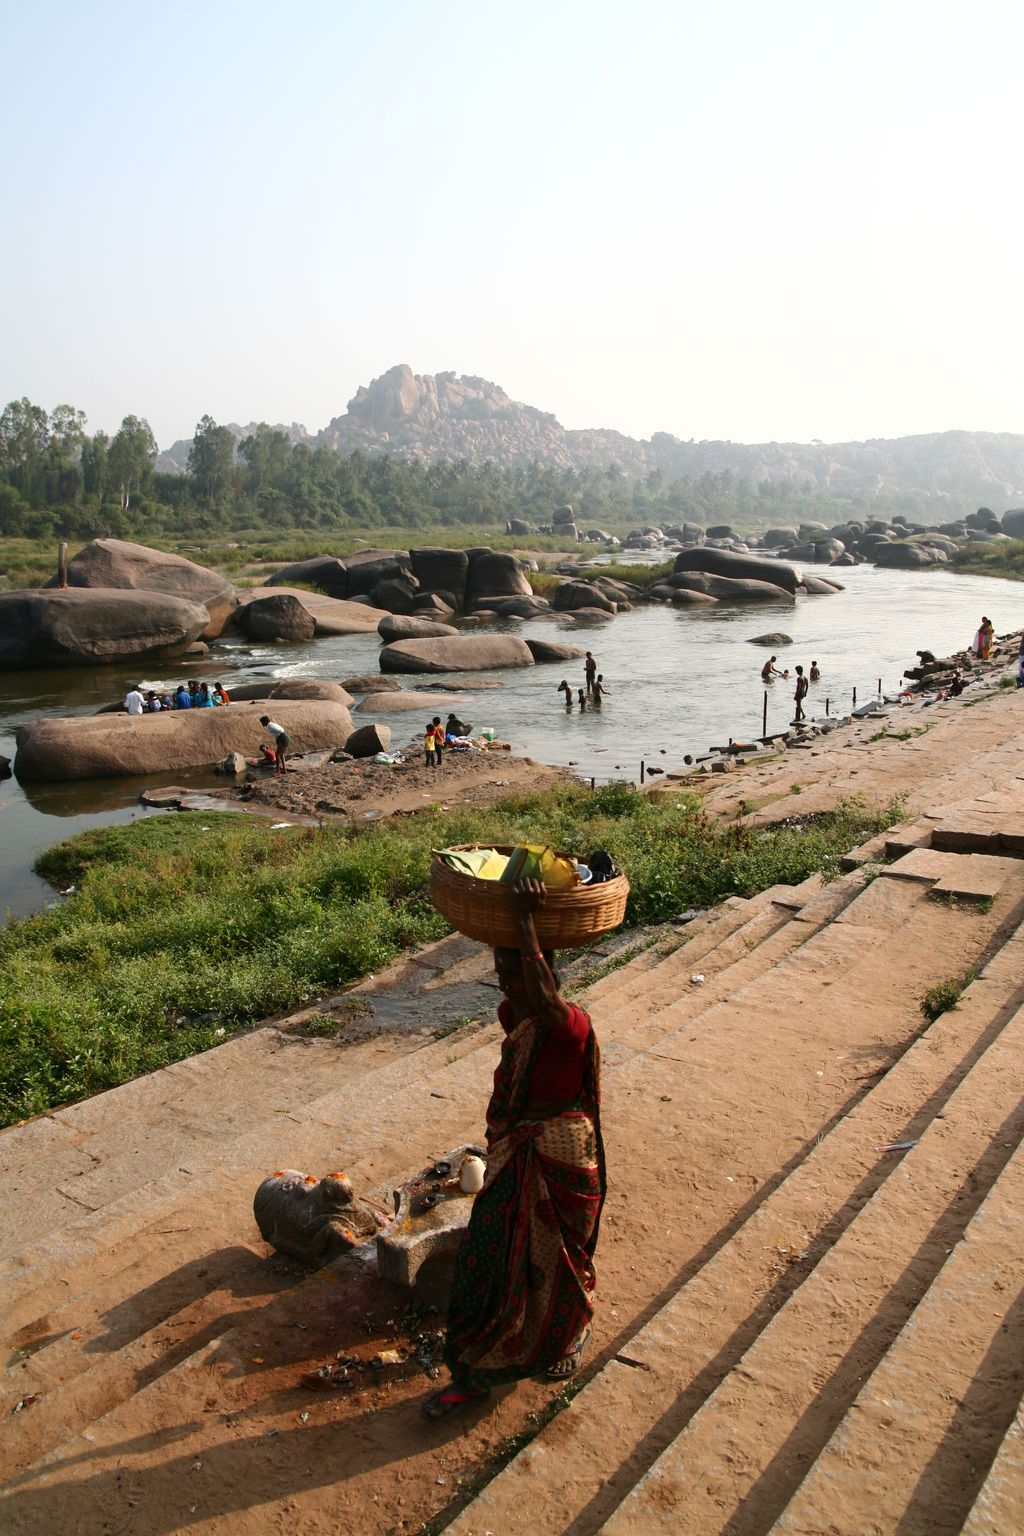 Řeka protékající Hampi a místní lidé